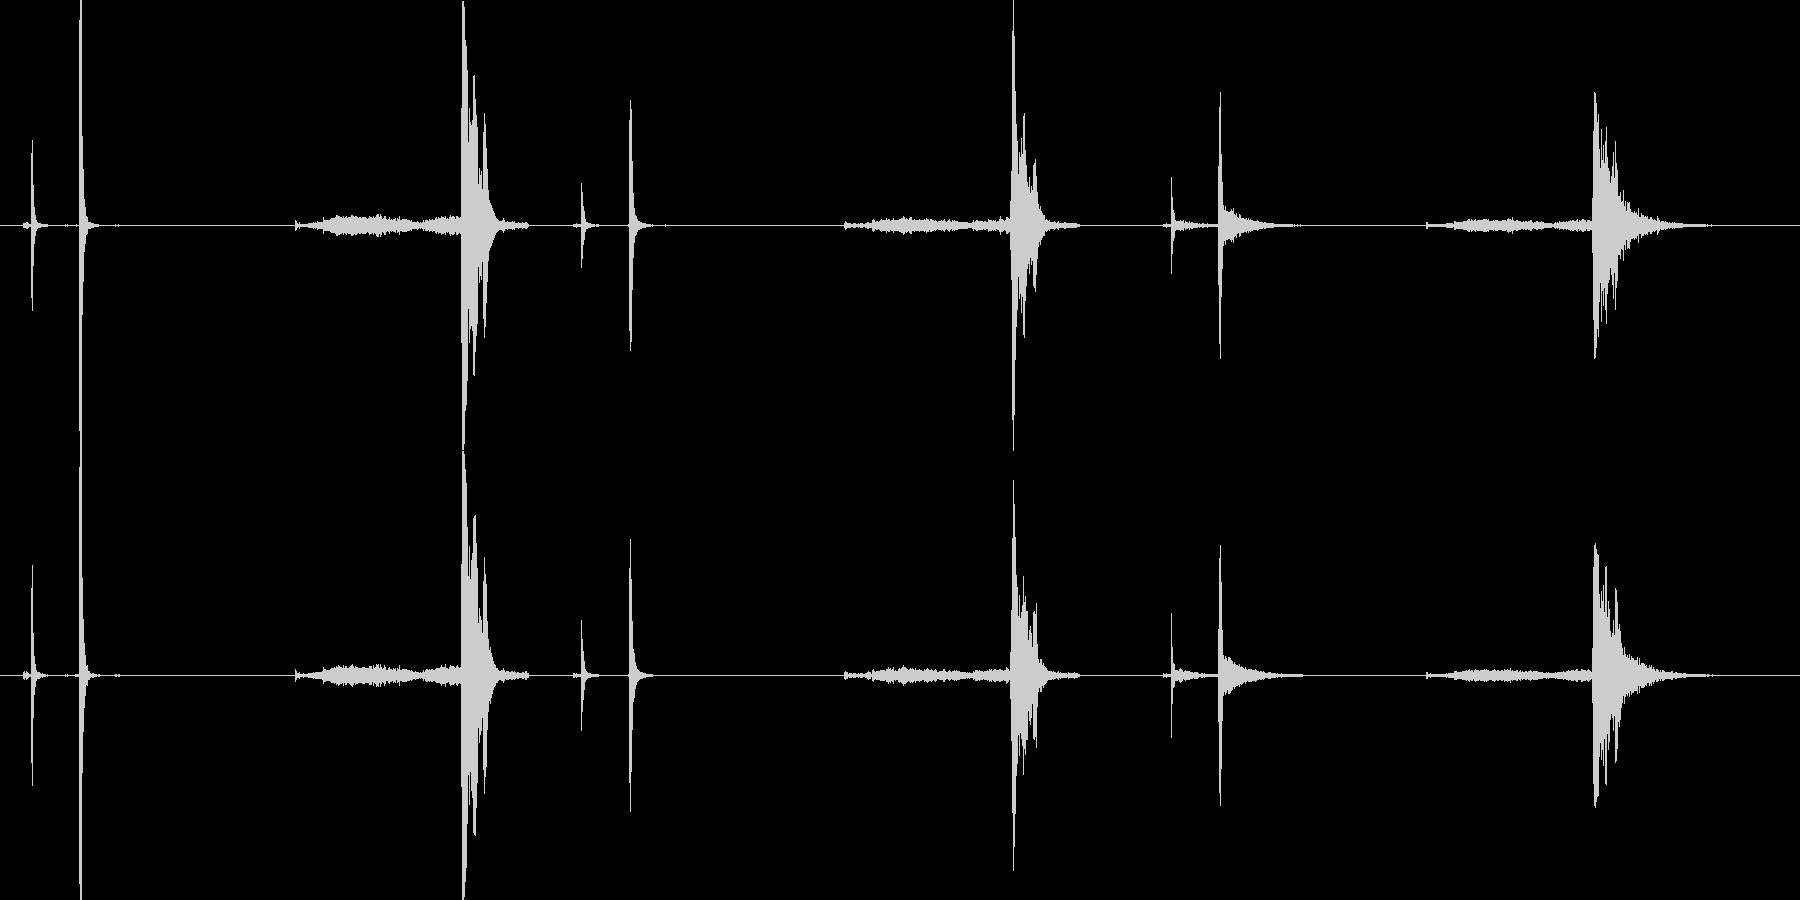 クリンクス、スプリング、3ルーム;...の未再生の波形